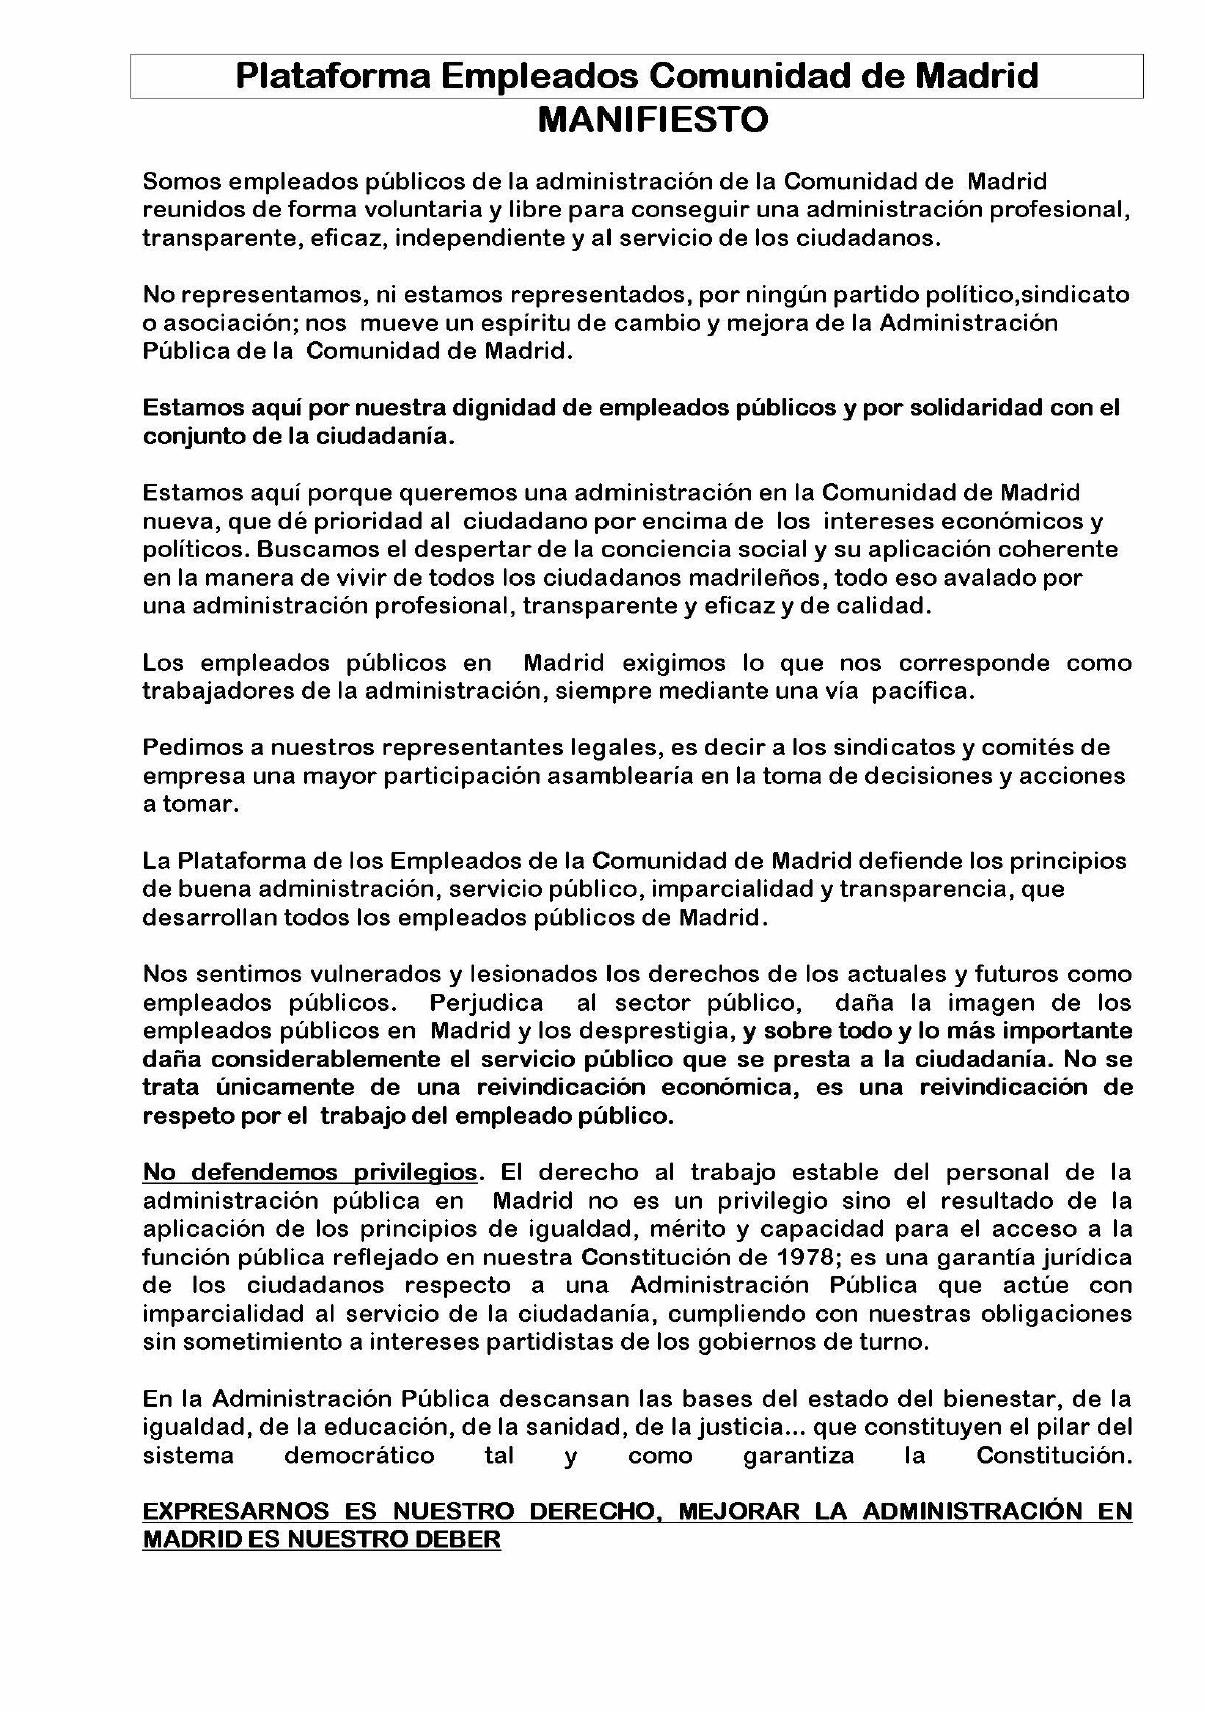 Manifiesto de la Plataforma de Empleados Públicos